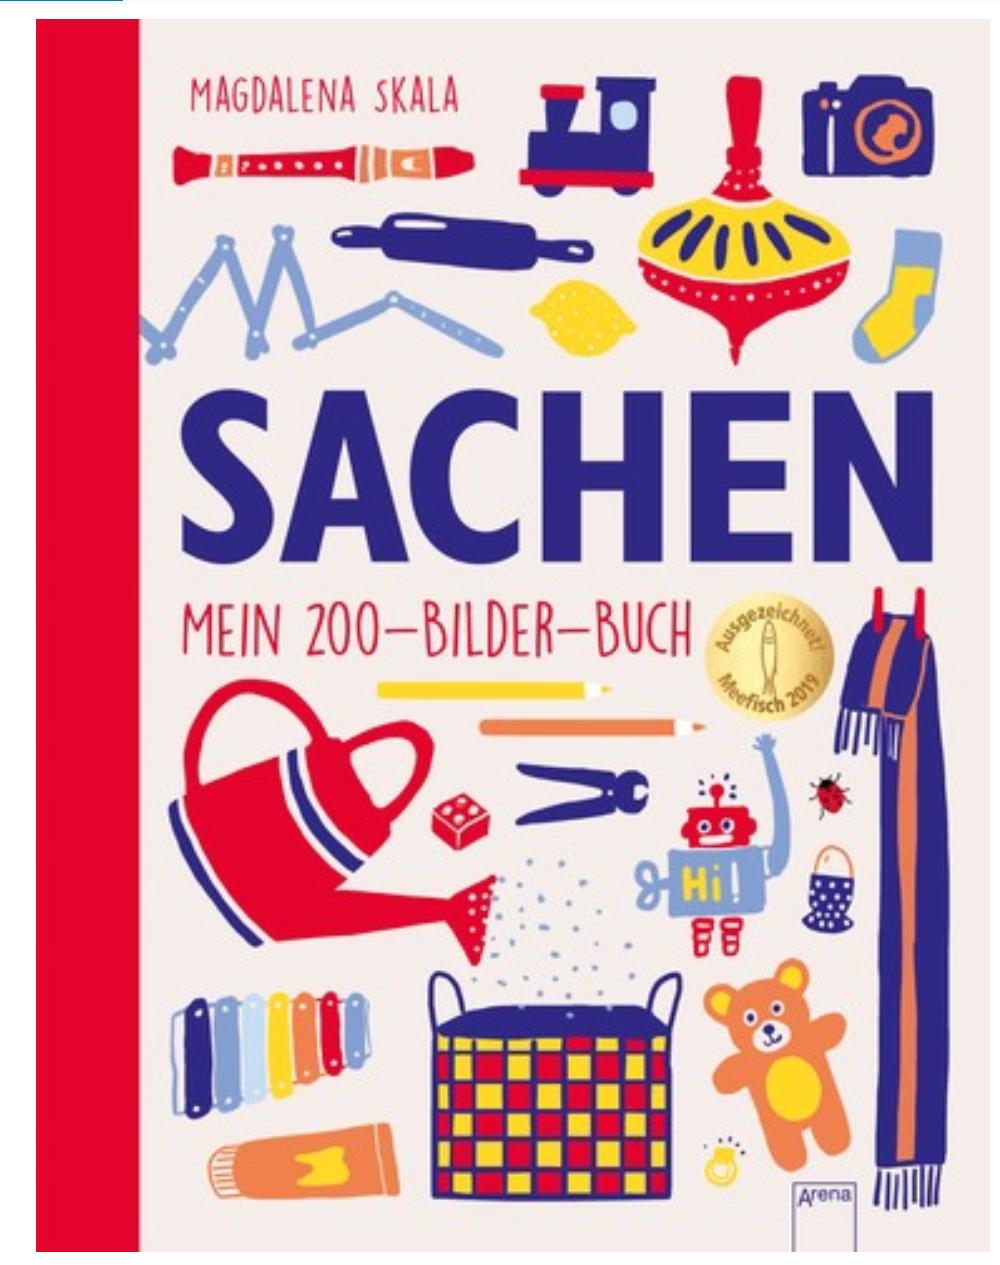 SACHEN Mein 200-Bilder-Buch Book Cover